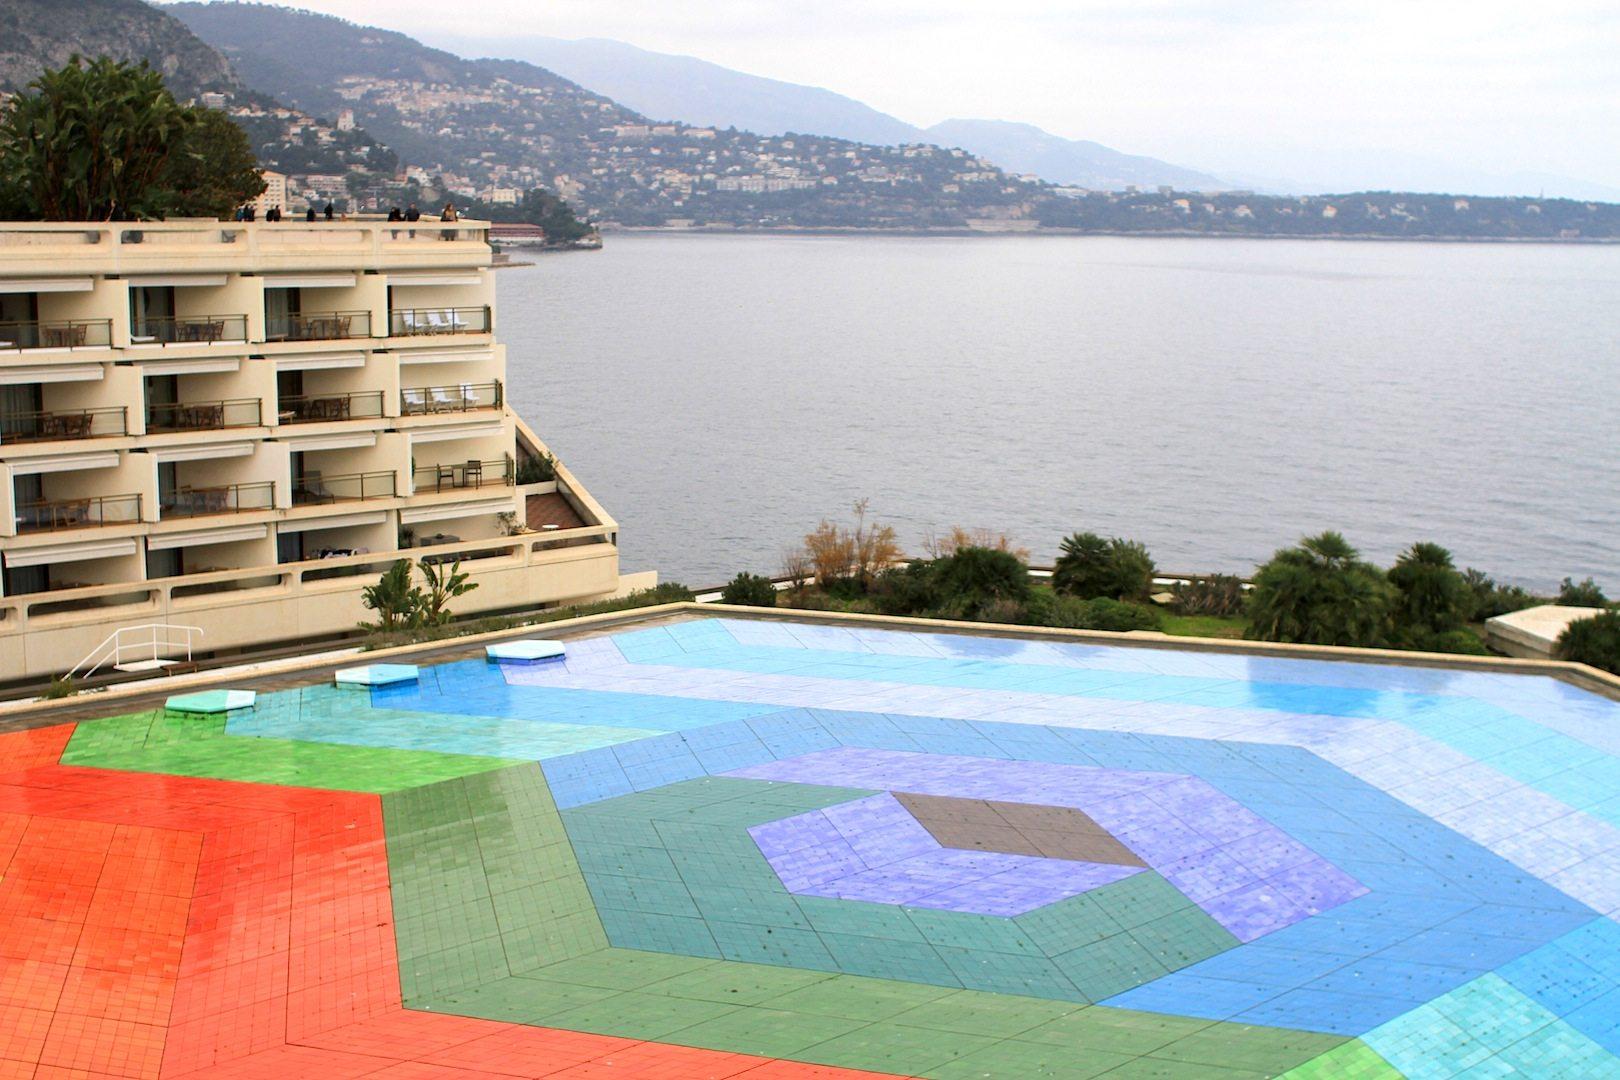 """Das Mosaikpool. Hexa Grace """"Le ciel, la mer, la terre"""", 1979 von Victore Vasarely"""